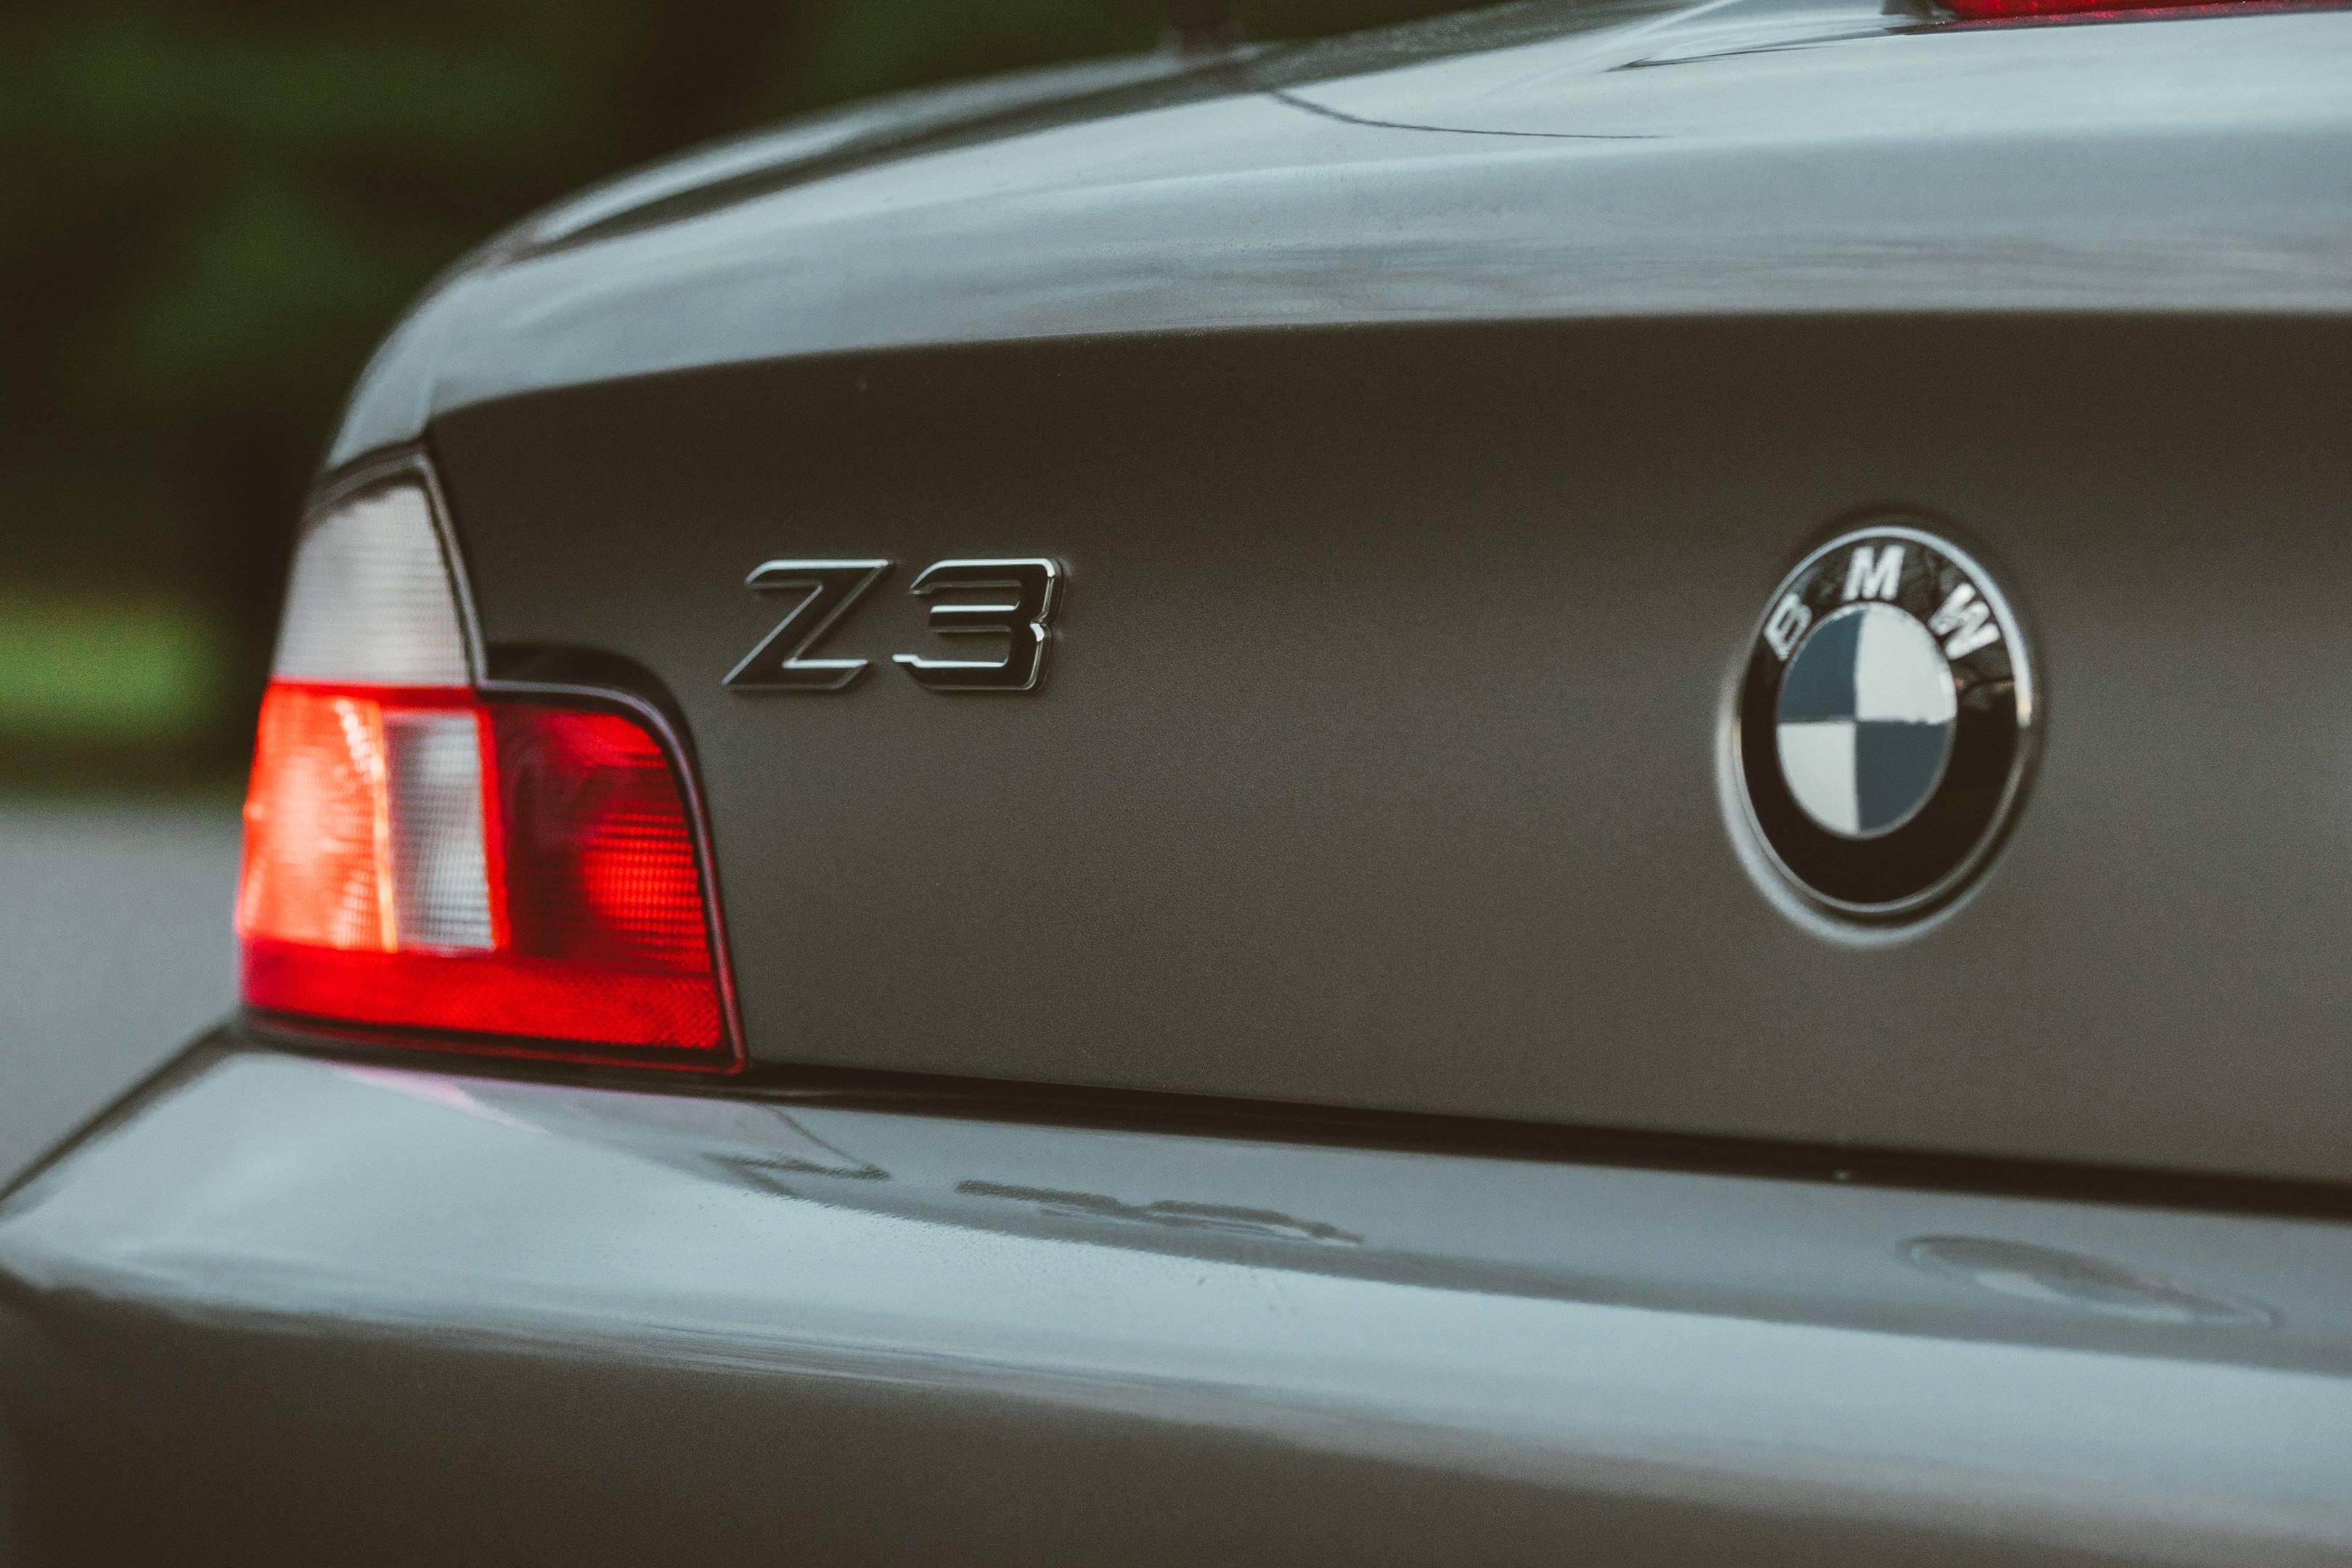 2001 BMW Z3 2.5i badge detail